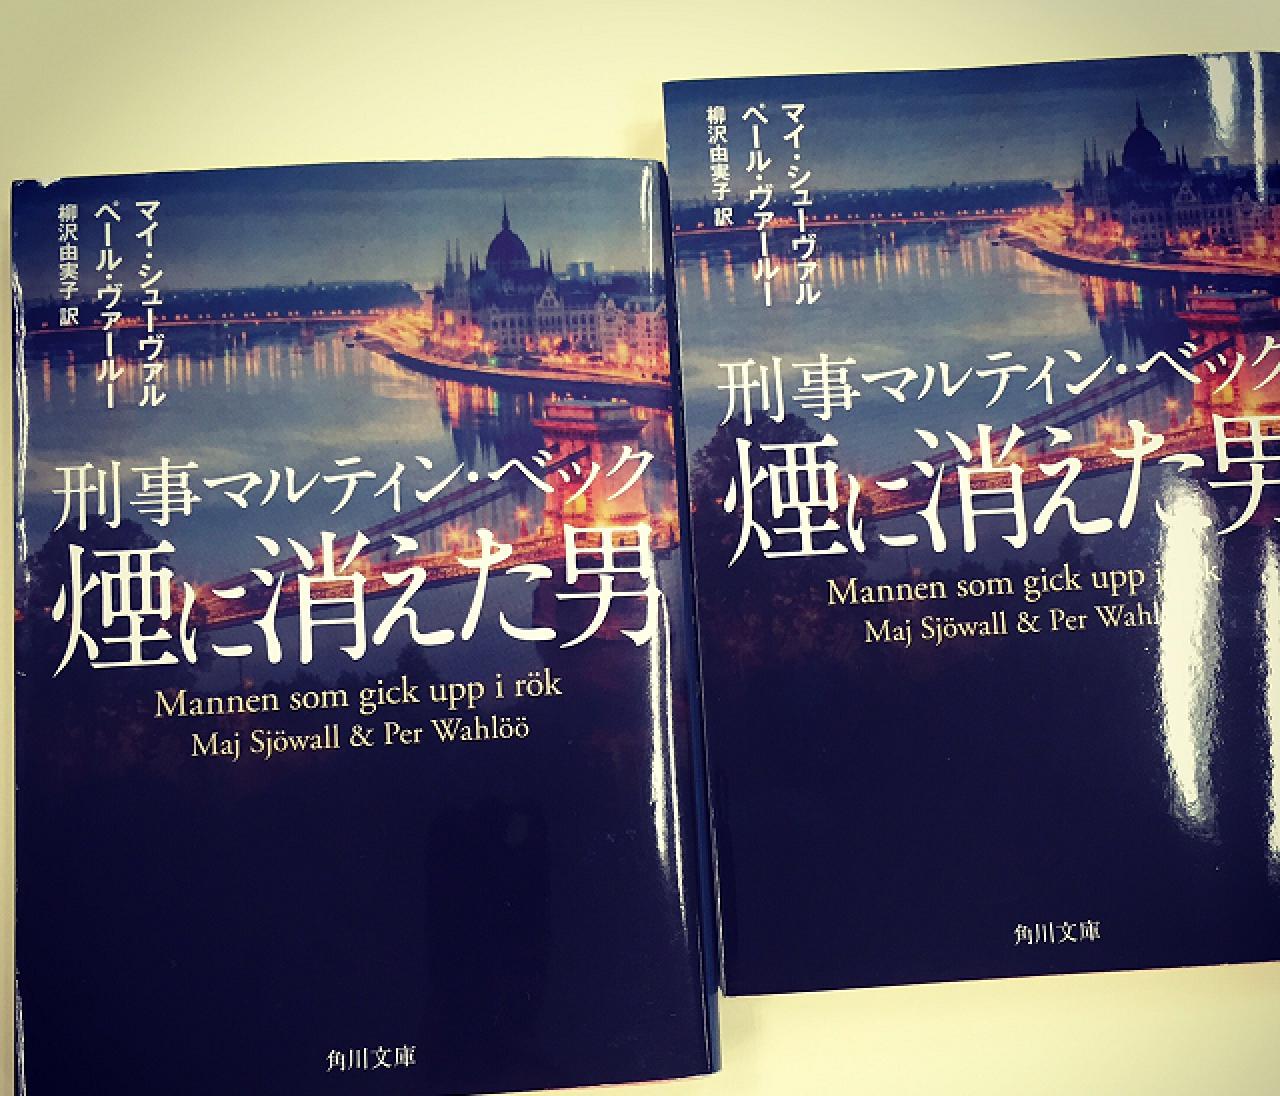 やっちゃいました、同じ本を2冊買い。刑事マルティン・ベックシリーズ